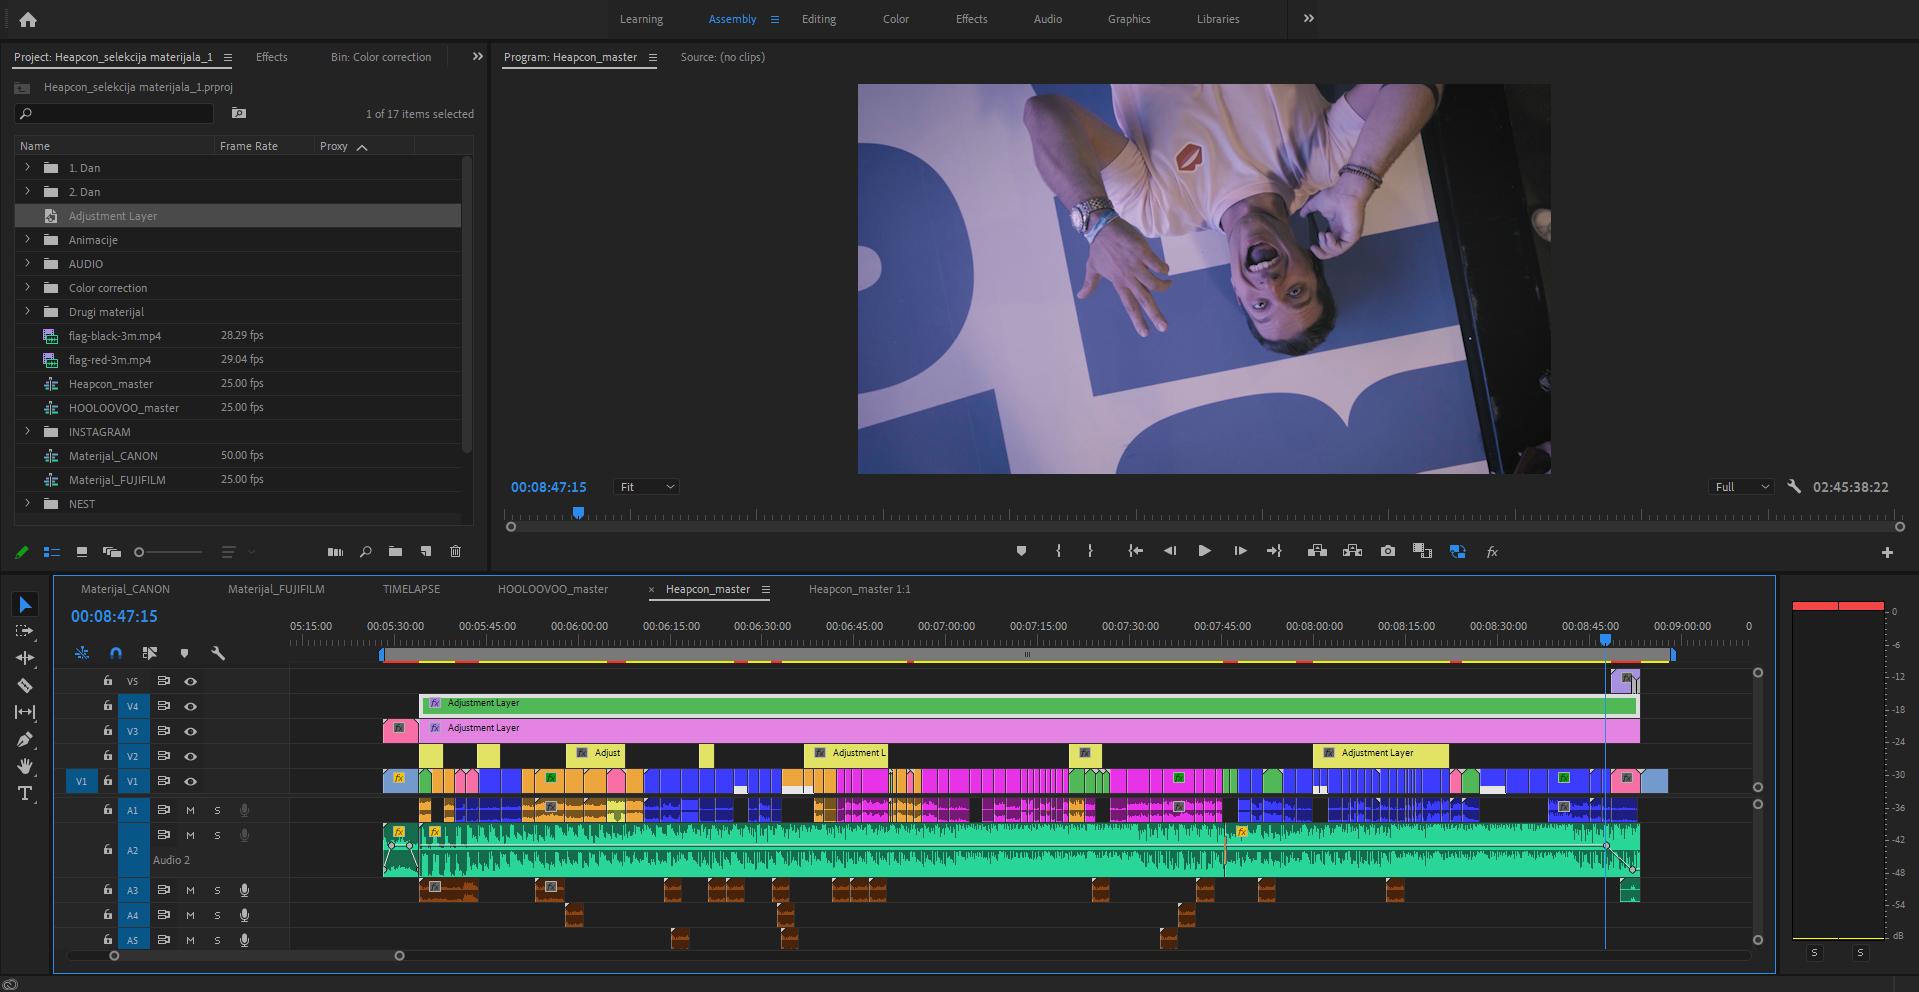 kako snimiti video premier pro industrija video sadrzaja